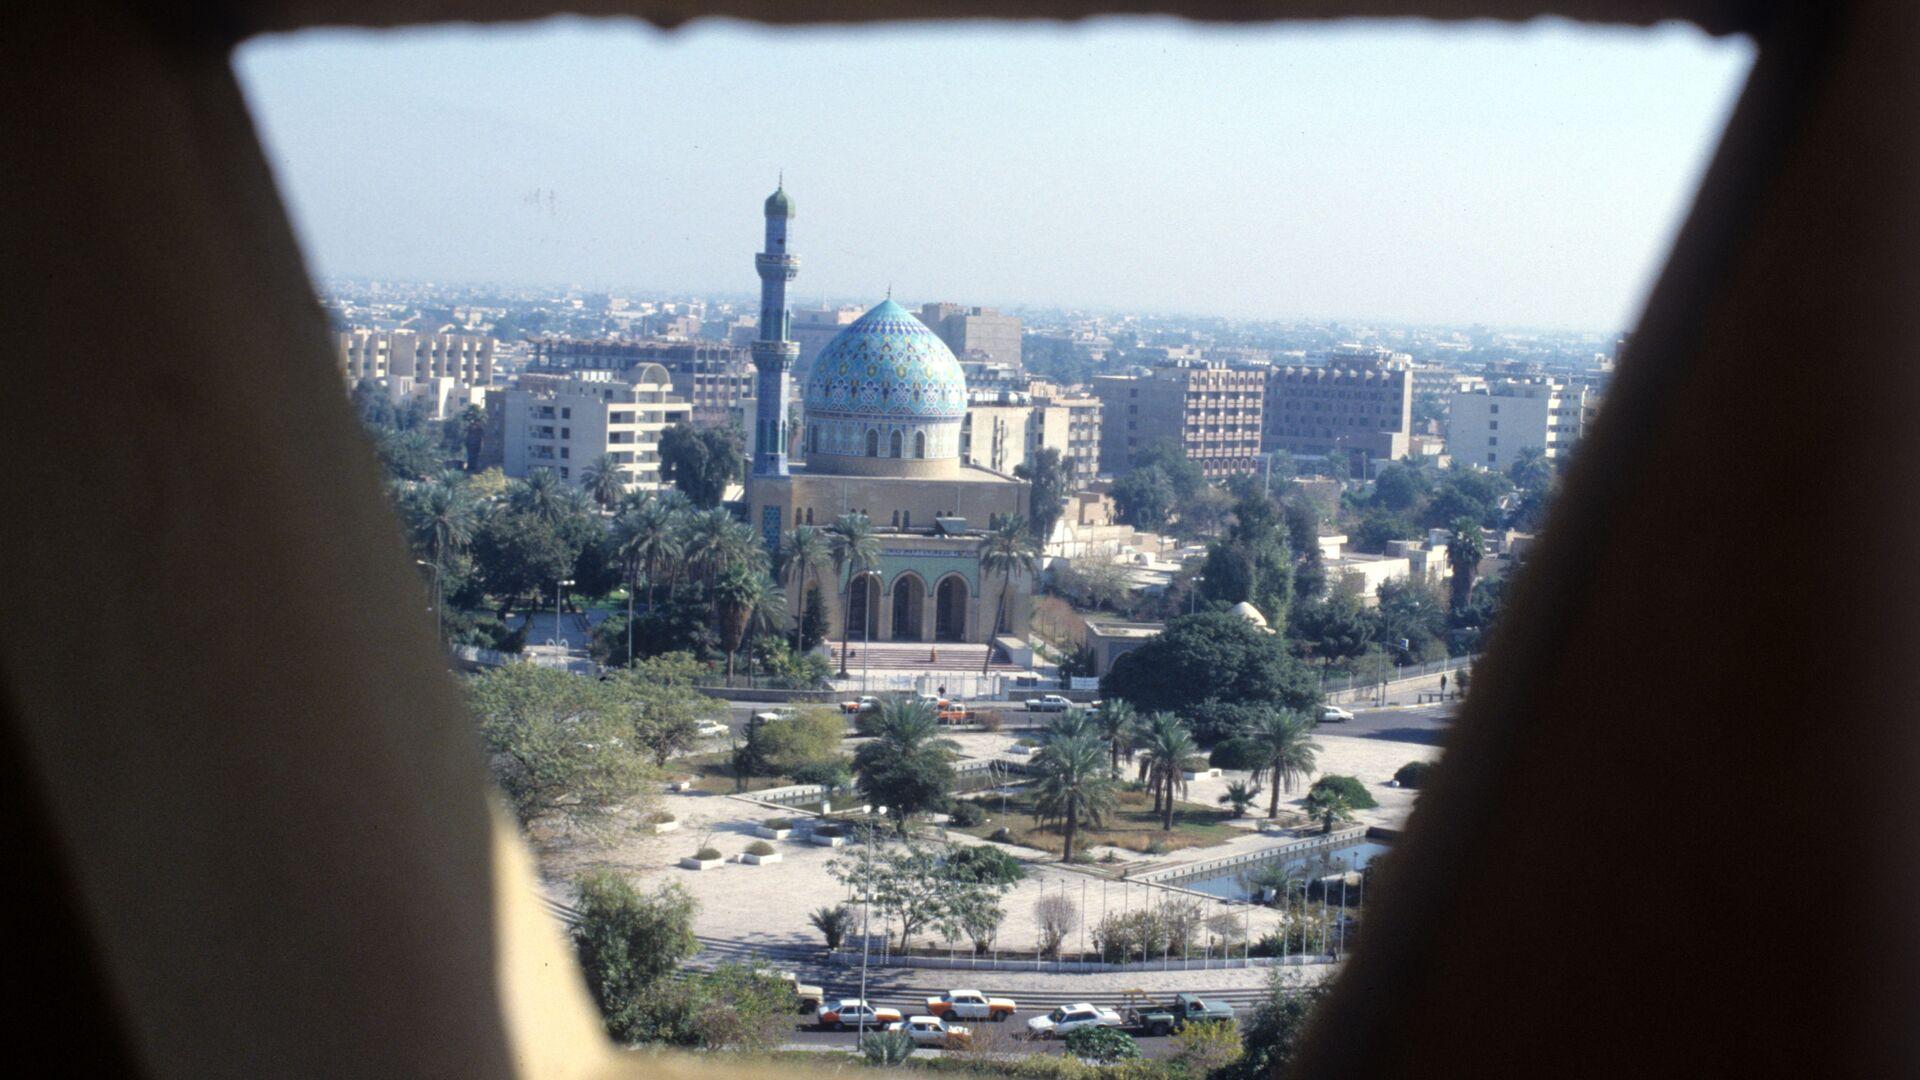 Widok na Bagdad, Irak - Sputnik Polska, 1920, 20.06.2021